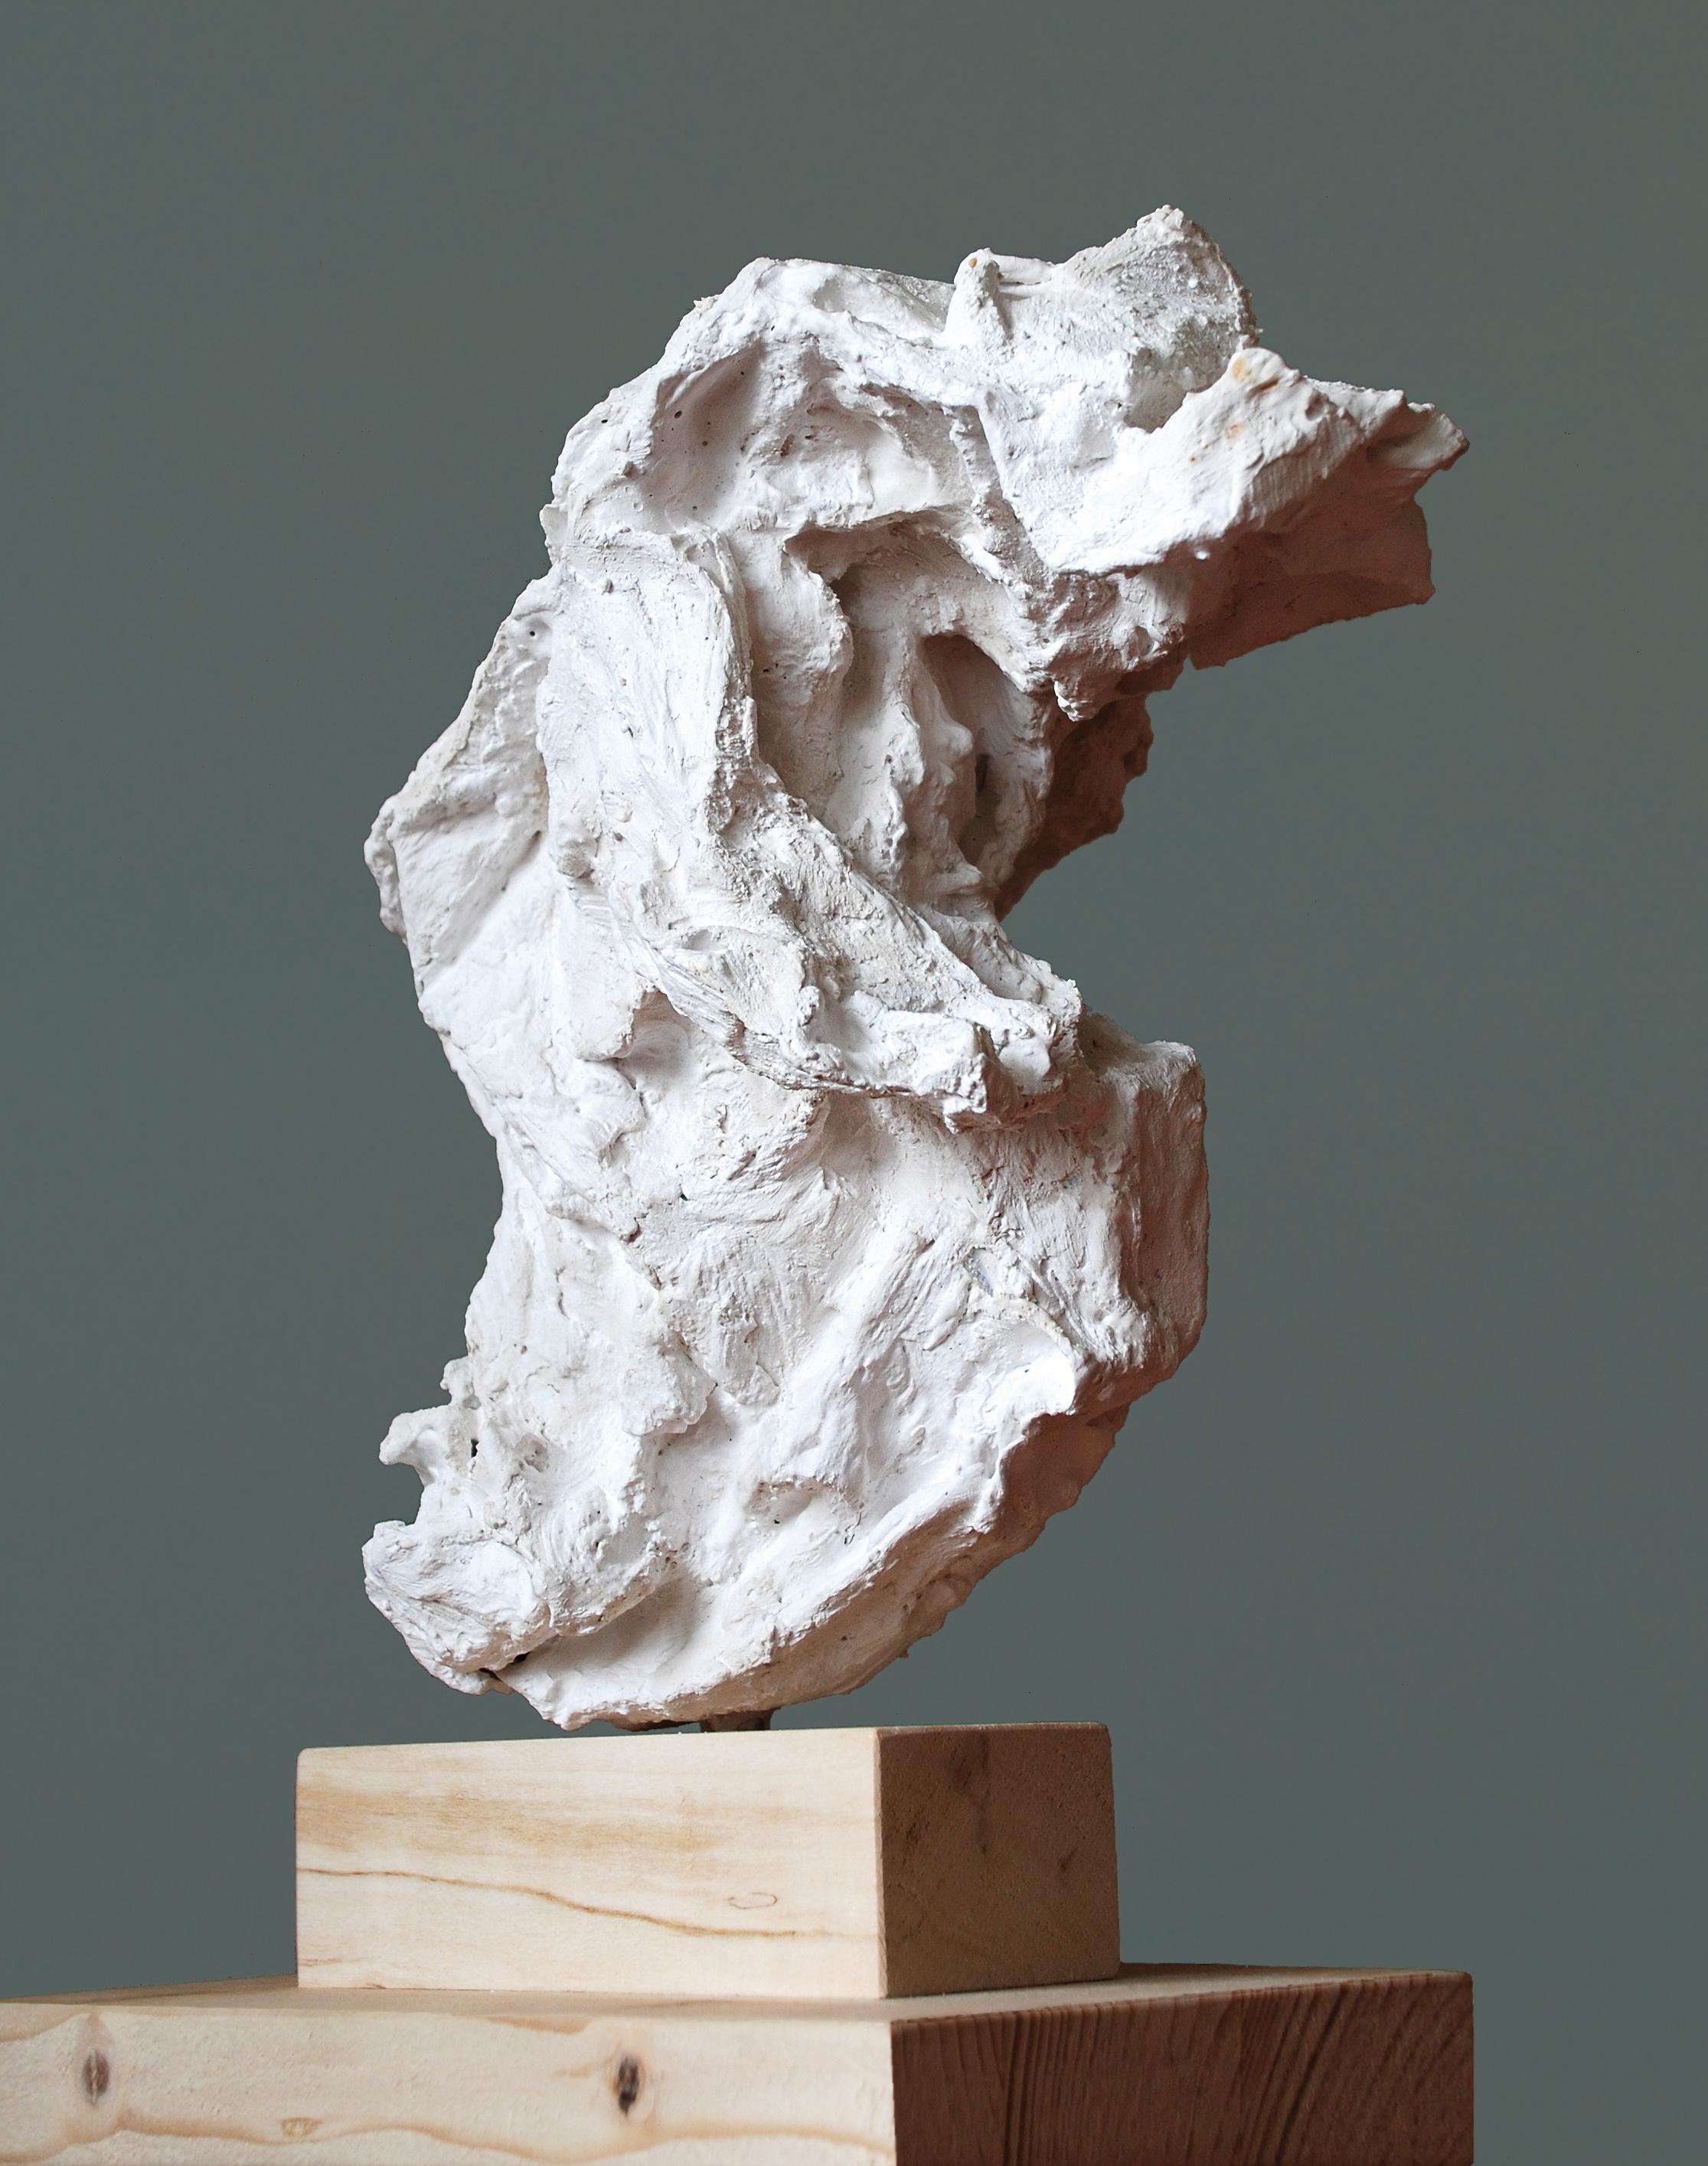 11. motiv, höhe 26 cm, gips